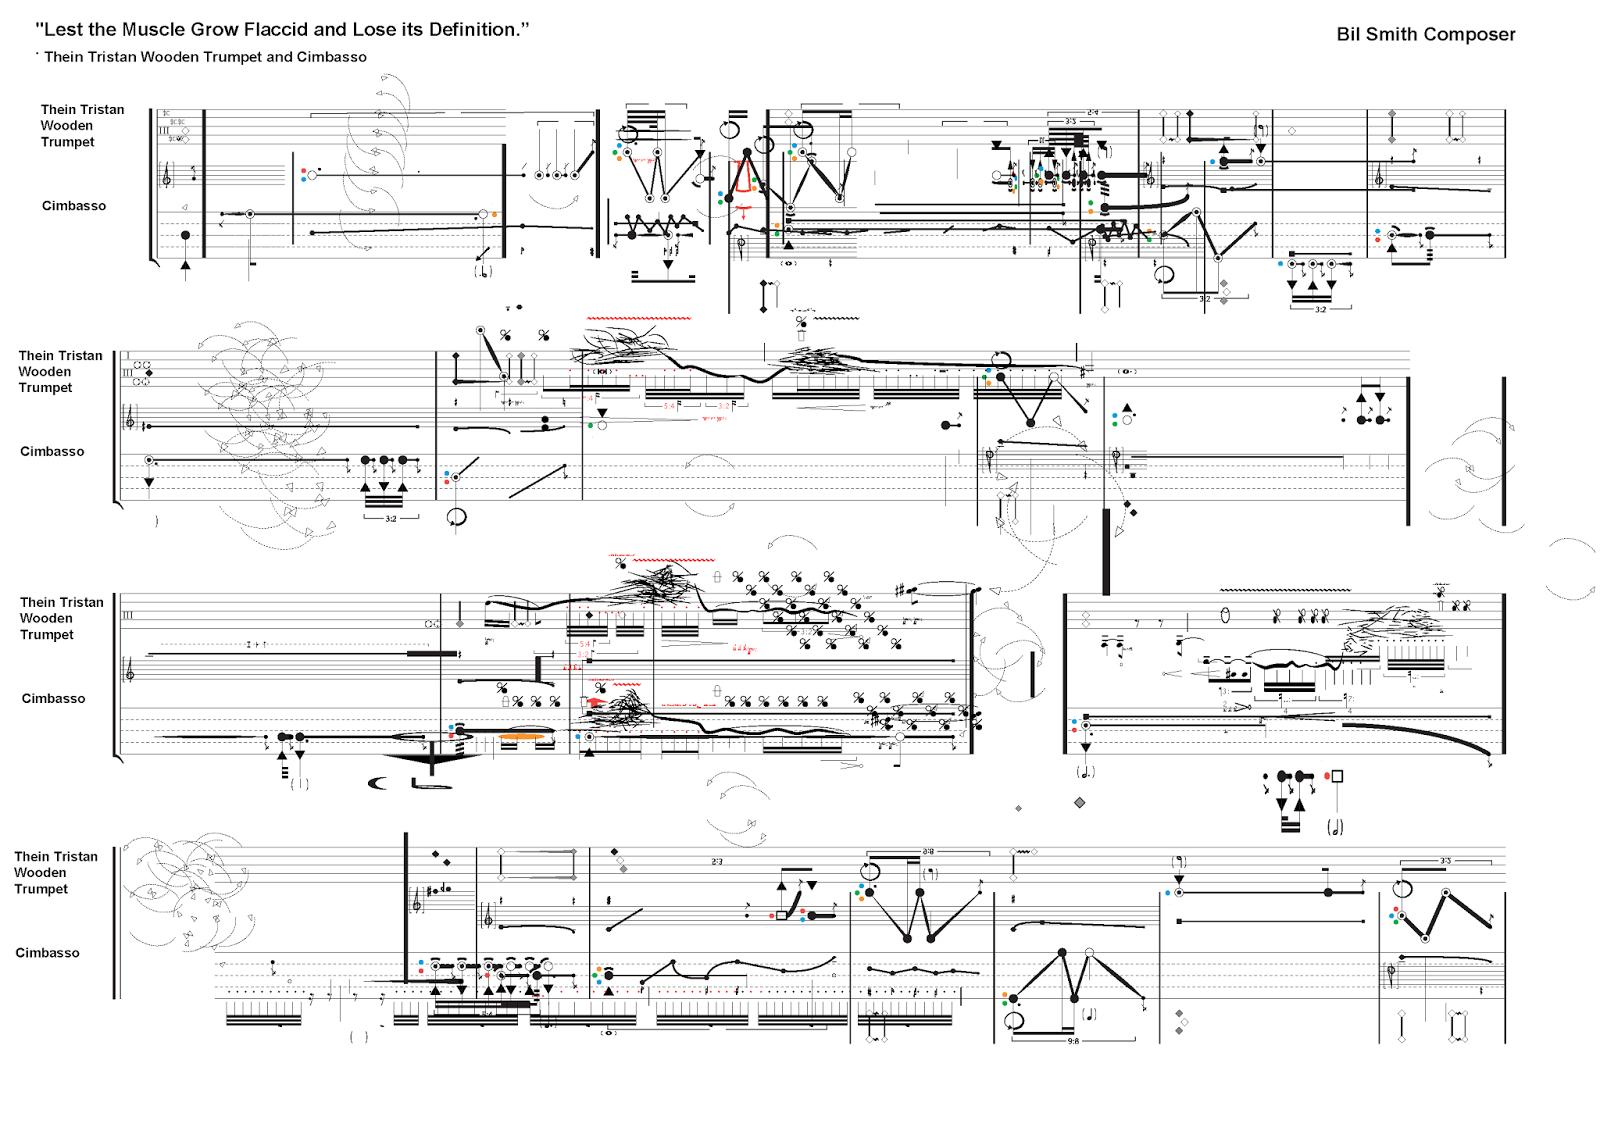 Thein Wooden Tristan Trumpet